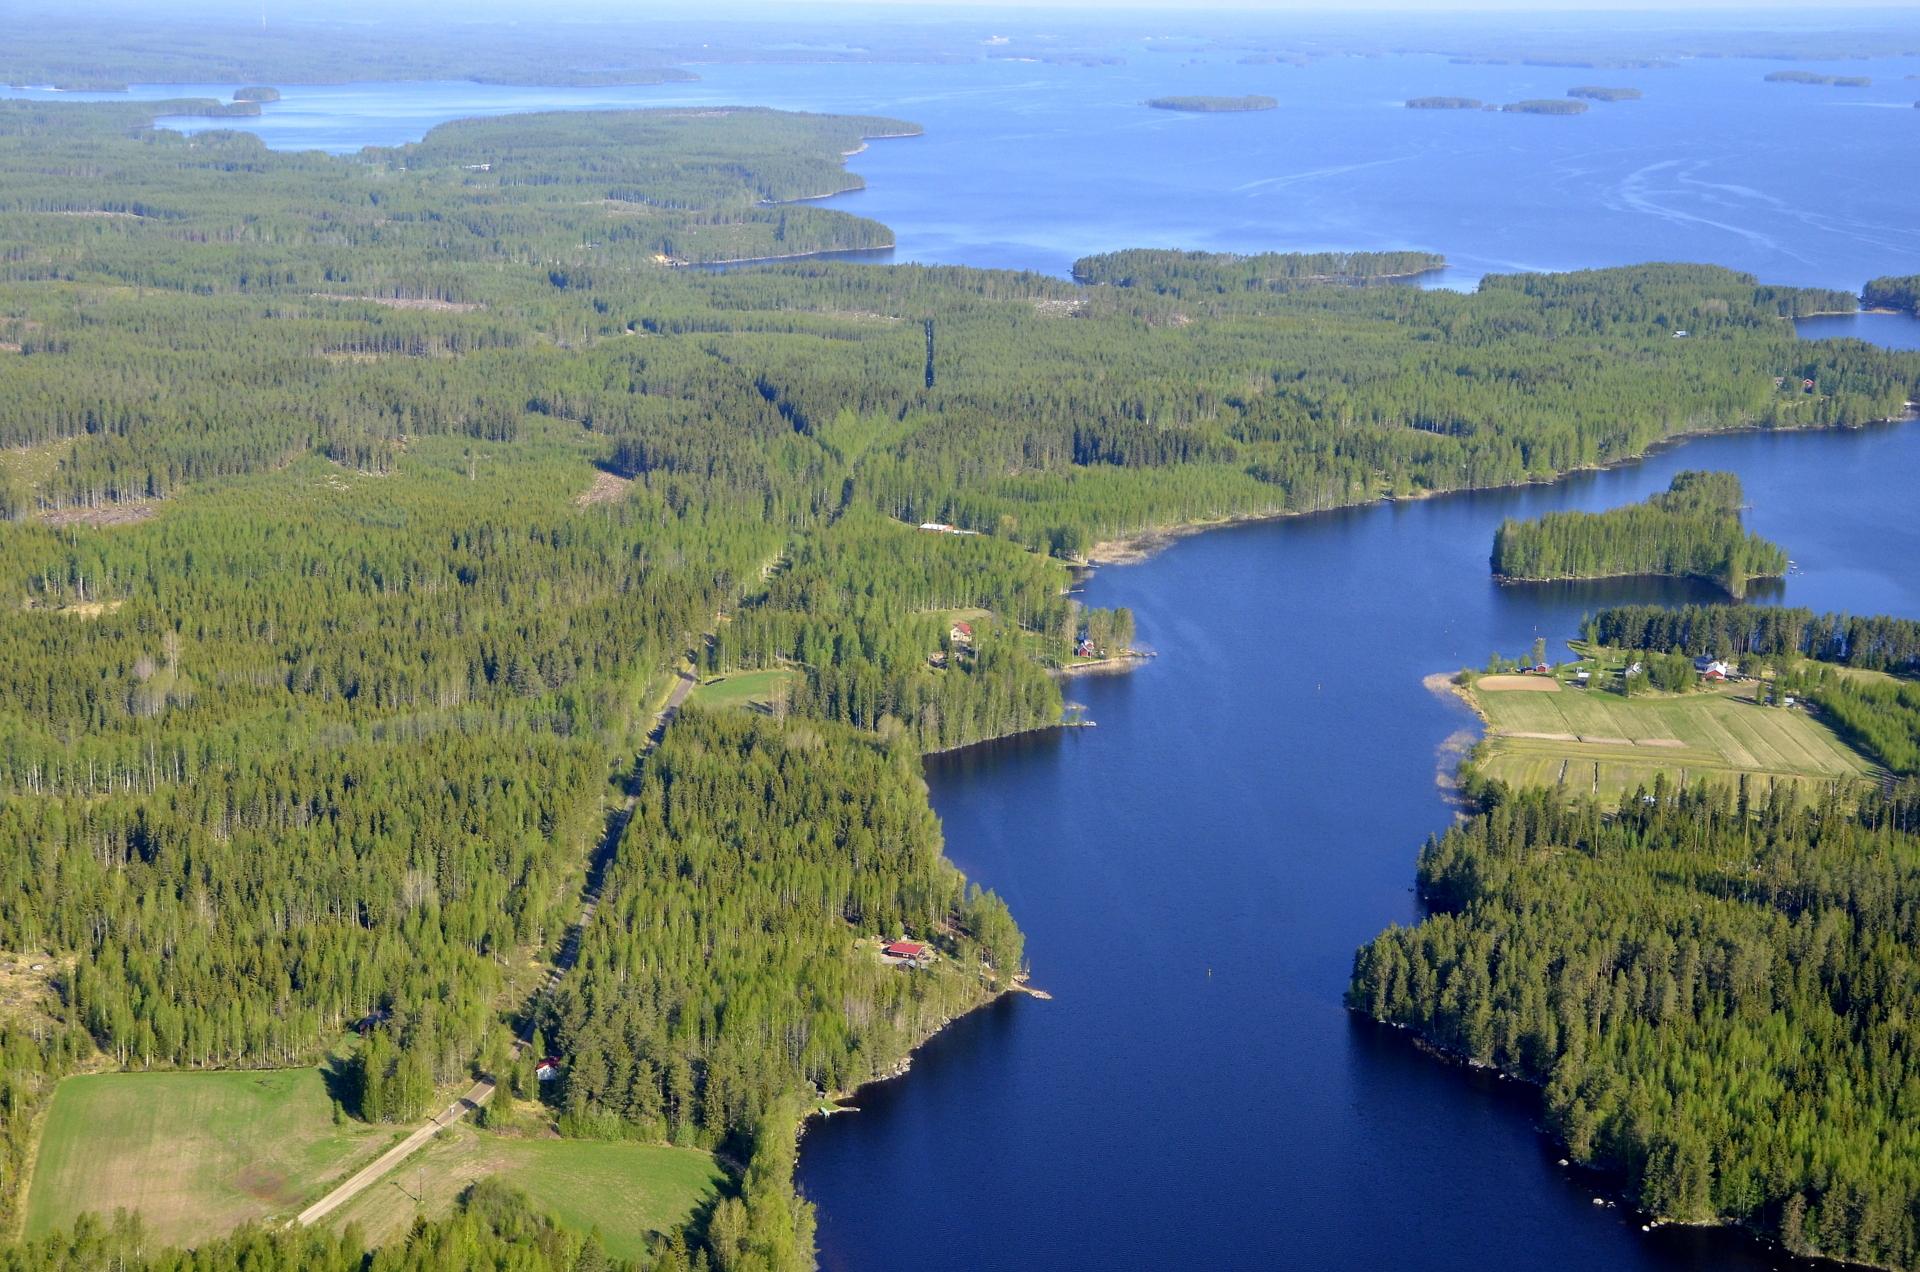 Kartalta opiskelin niemien seutujen nimiä. Oikealla Kuhalankylää, keskellä Palorantaa ja vasemmalla Houninniemi.